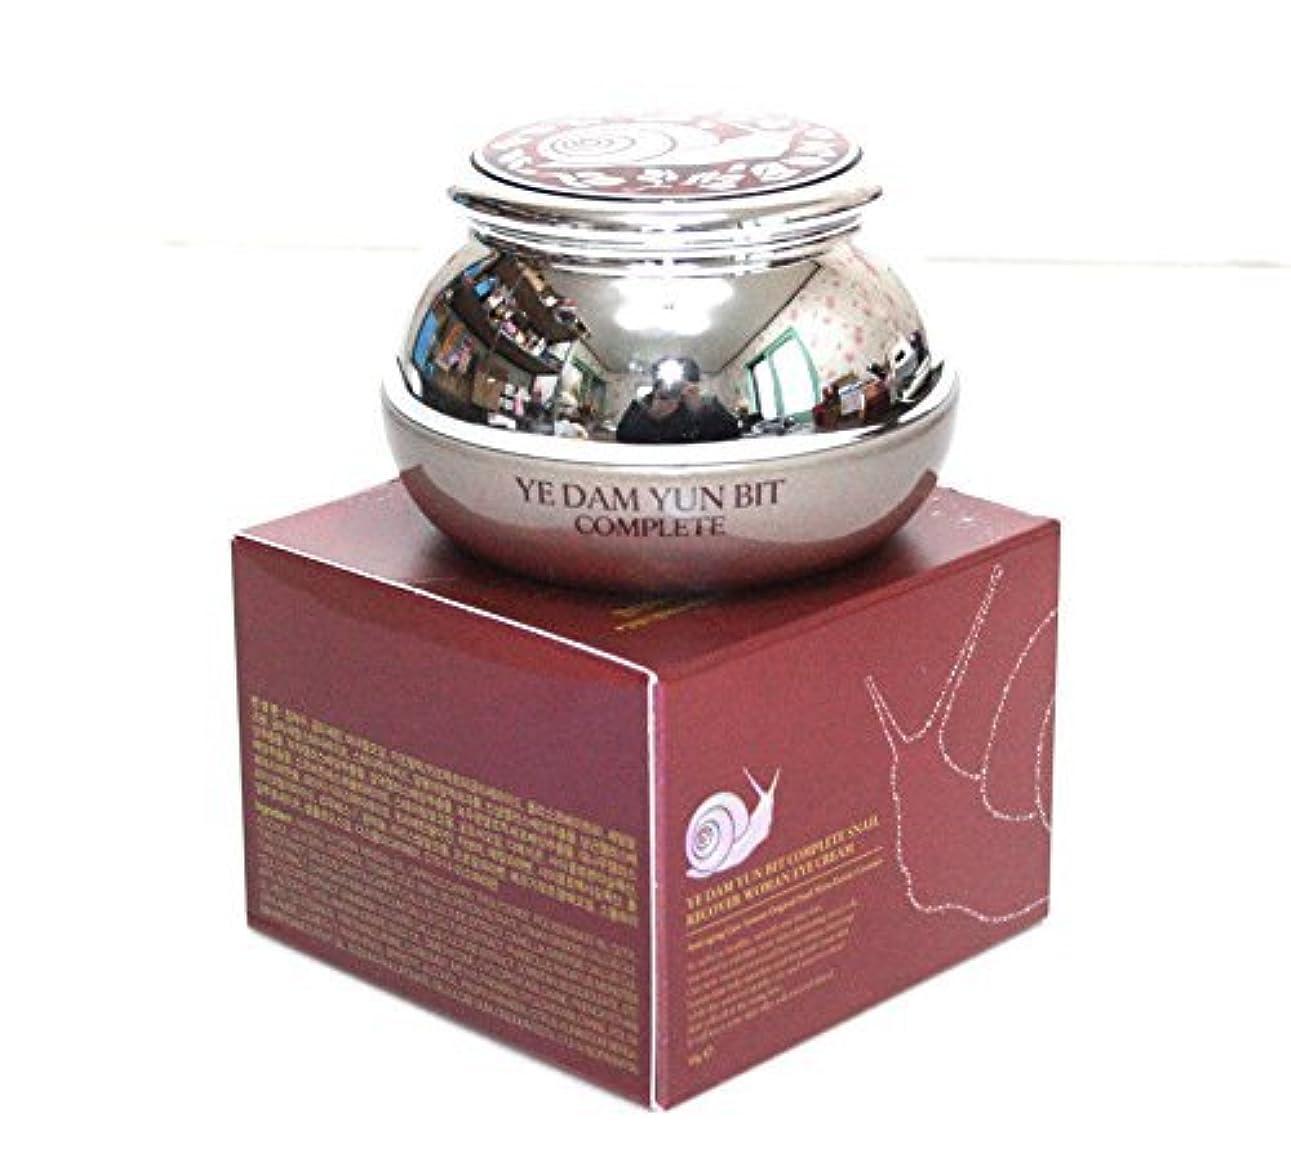 ソフトウェア大声で年金受給者[YEDAM YUN BIT] スキンが完成カタツムリ回復女性のアイクリーム50ml/韓国の化粧品/COMPLETE Skin Snail Recover Woman Eye Cream 50ml/Korean cosmetics [並行輸入品]